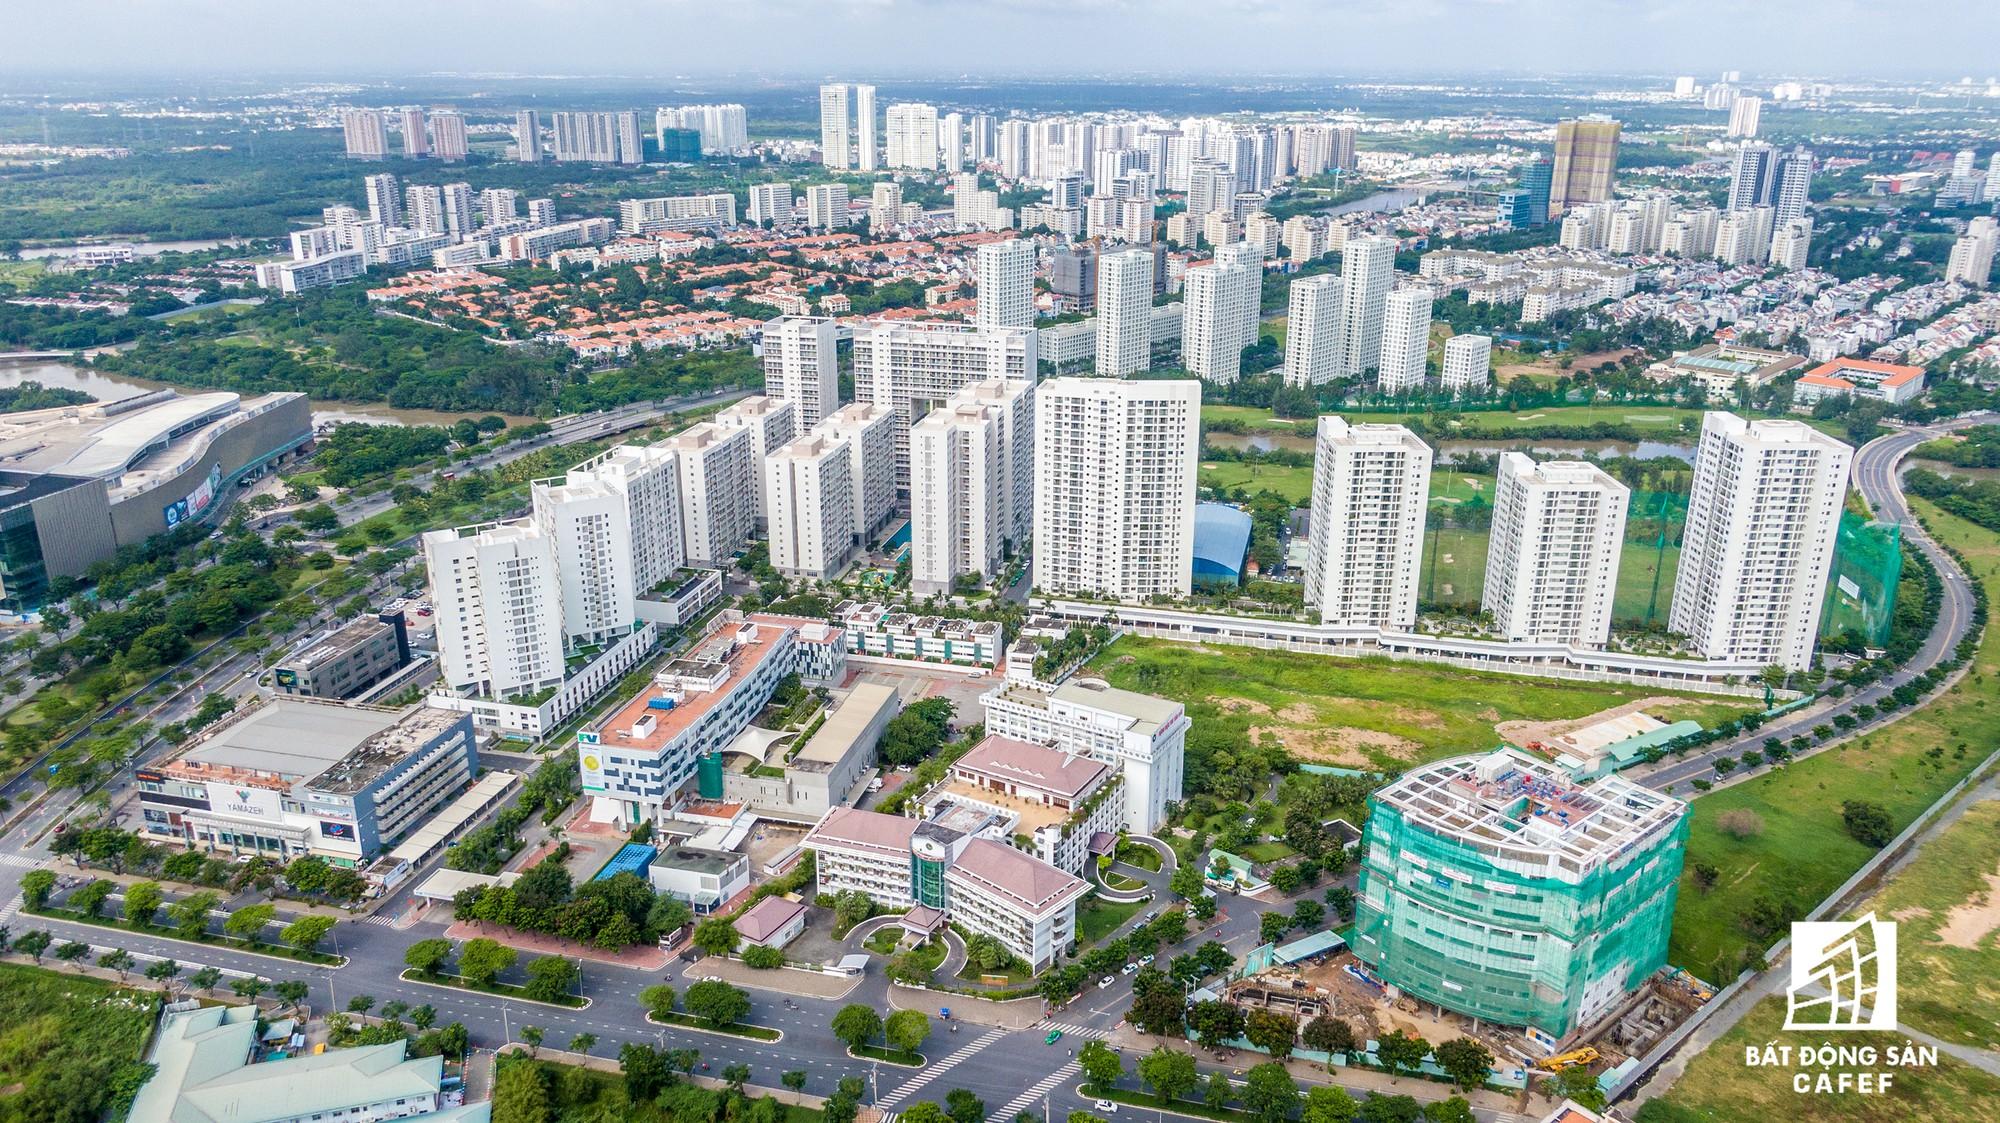 Toàn cảnh đại lộ tỷ đô đã tạo nên một thị trường bất động sản rất riêng cho khu Nam Sài Gòn - Ảnh 13. Toàn cảnh đại lộ tỷ đô đã tạo nên một thị trường bất động sản rất riêng cho khu Nam Sài Gòn Toàn cảnh đại lộ tỷ đô đã tạo nên một thị trường bất động sản rất riêng cho khu Nam Sài Gòn hinh 14 15672200948001832241288